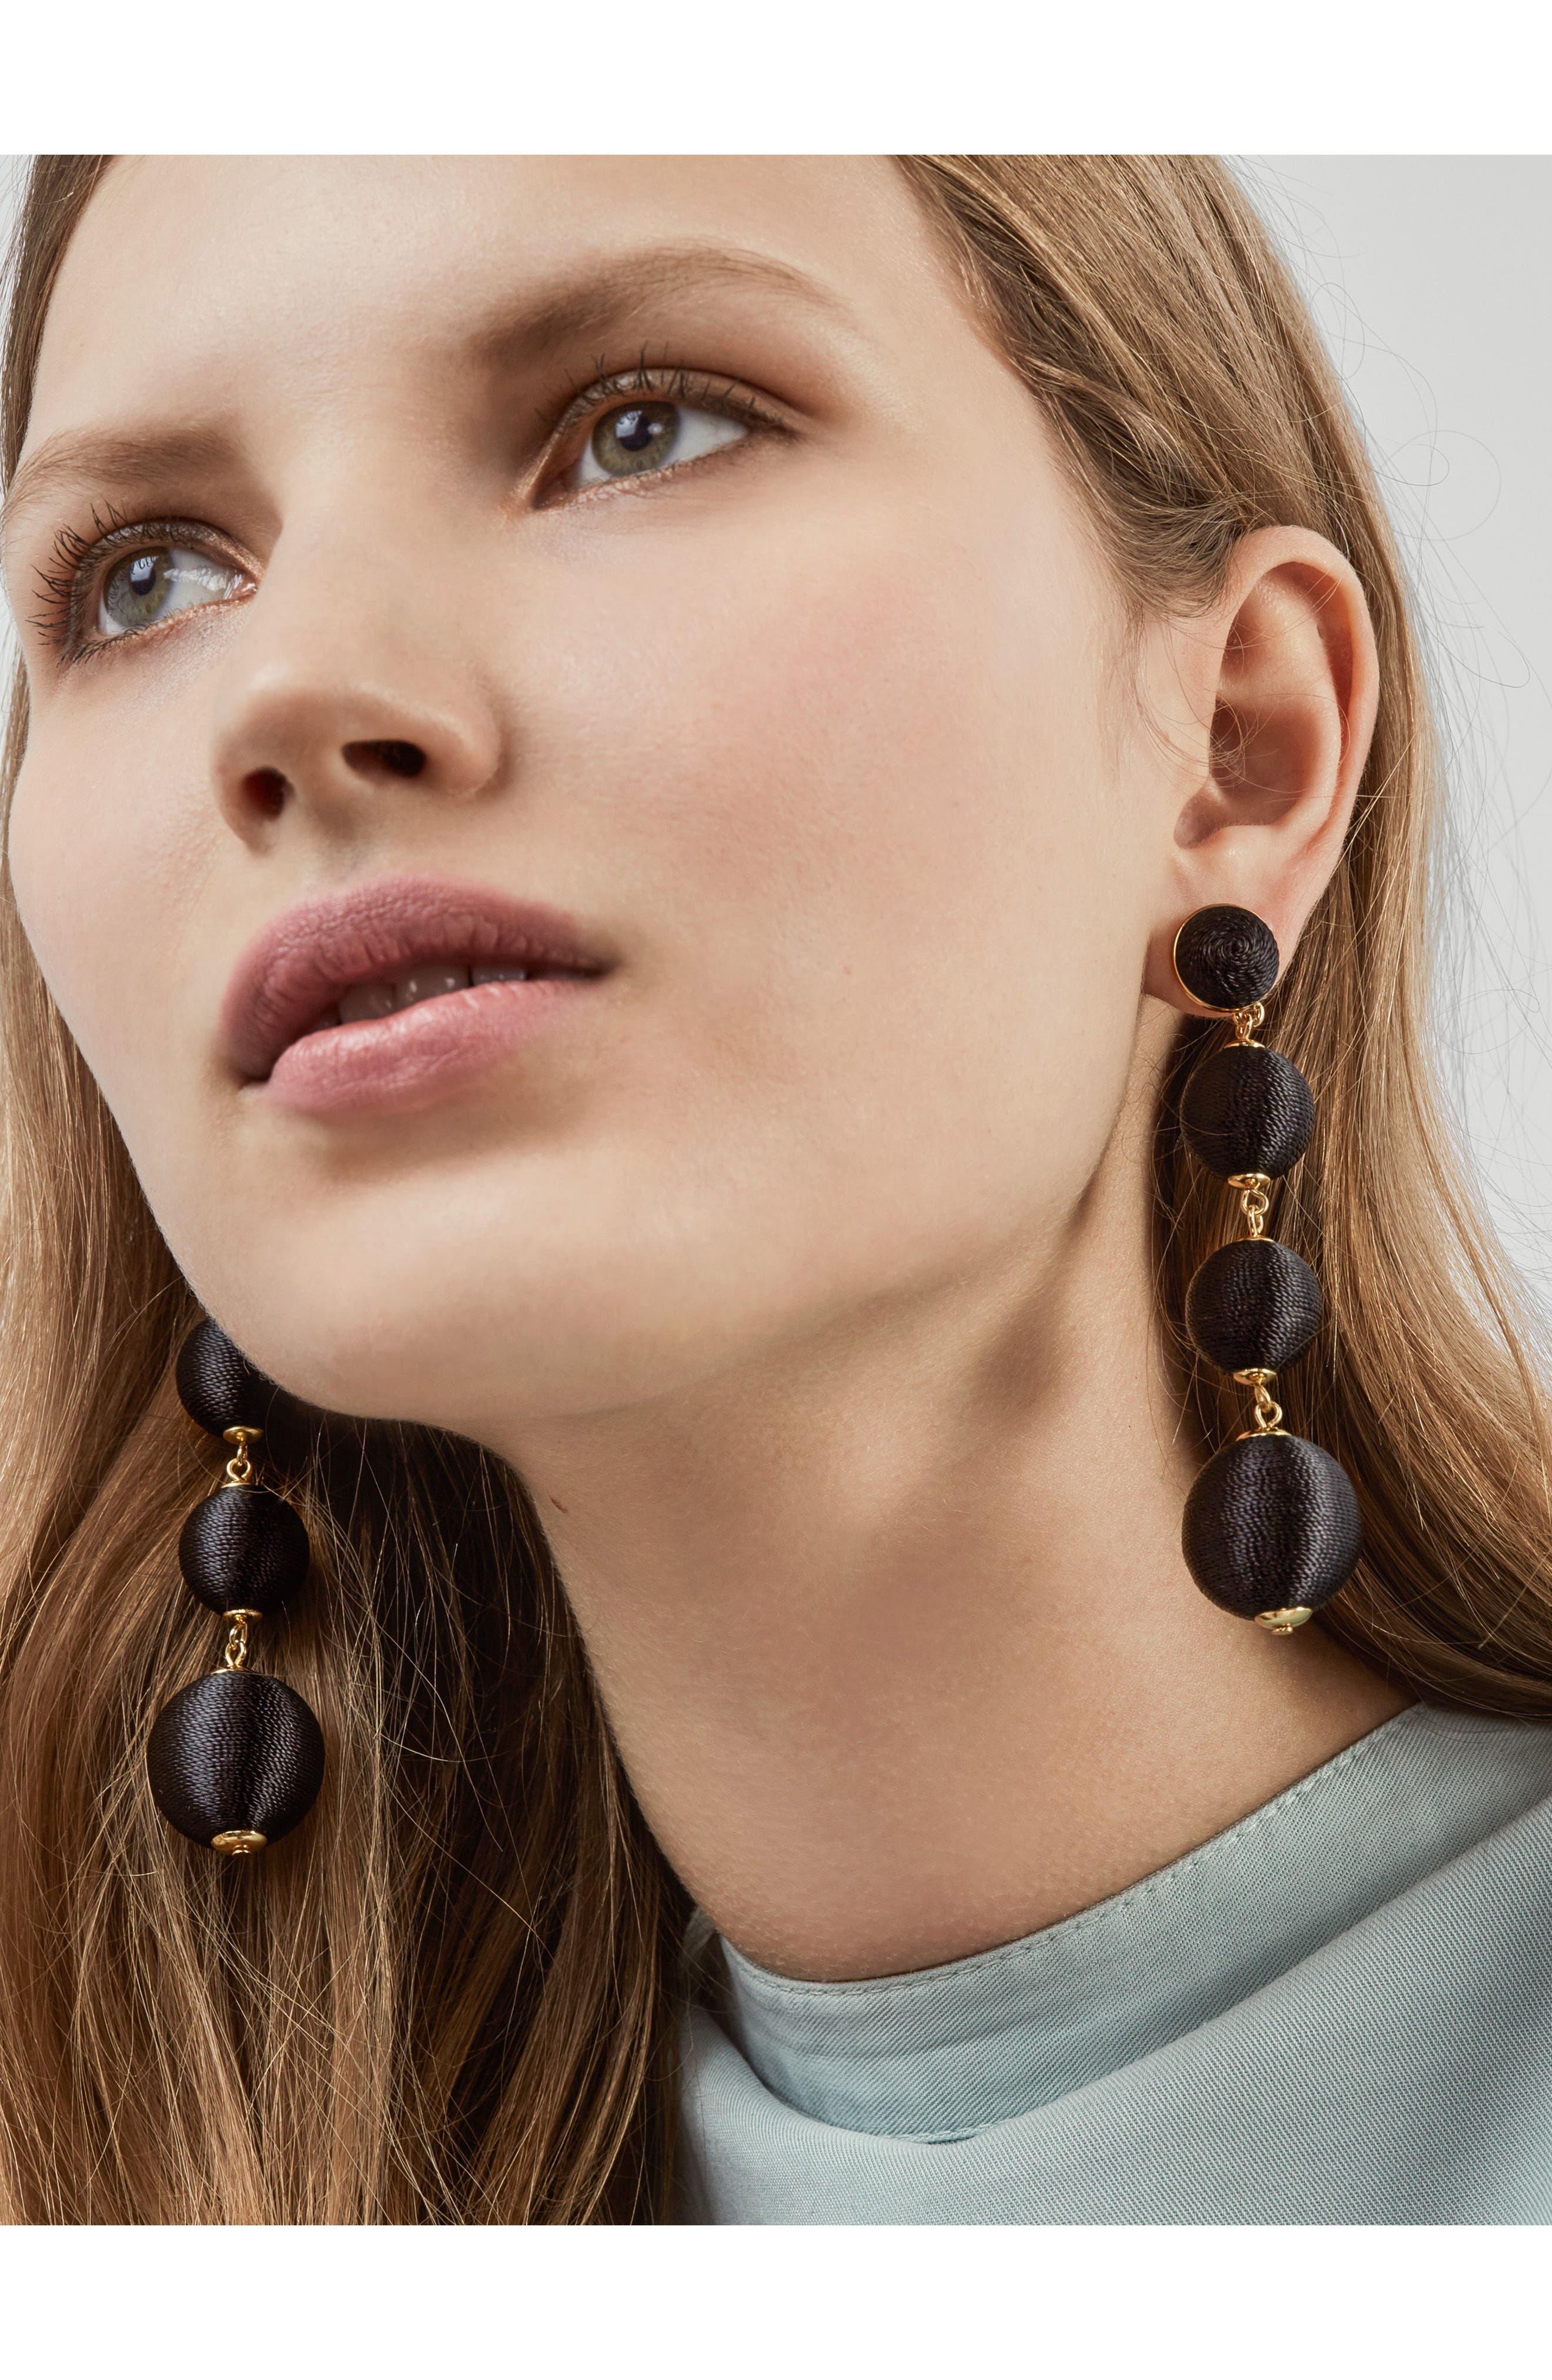 Criselda Ball Shoulder Duster Earrings,                             Alternate thumbnail 2, color,                             Black